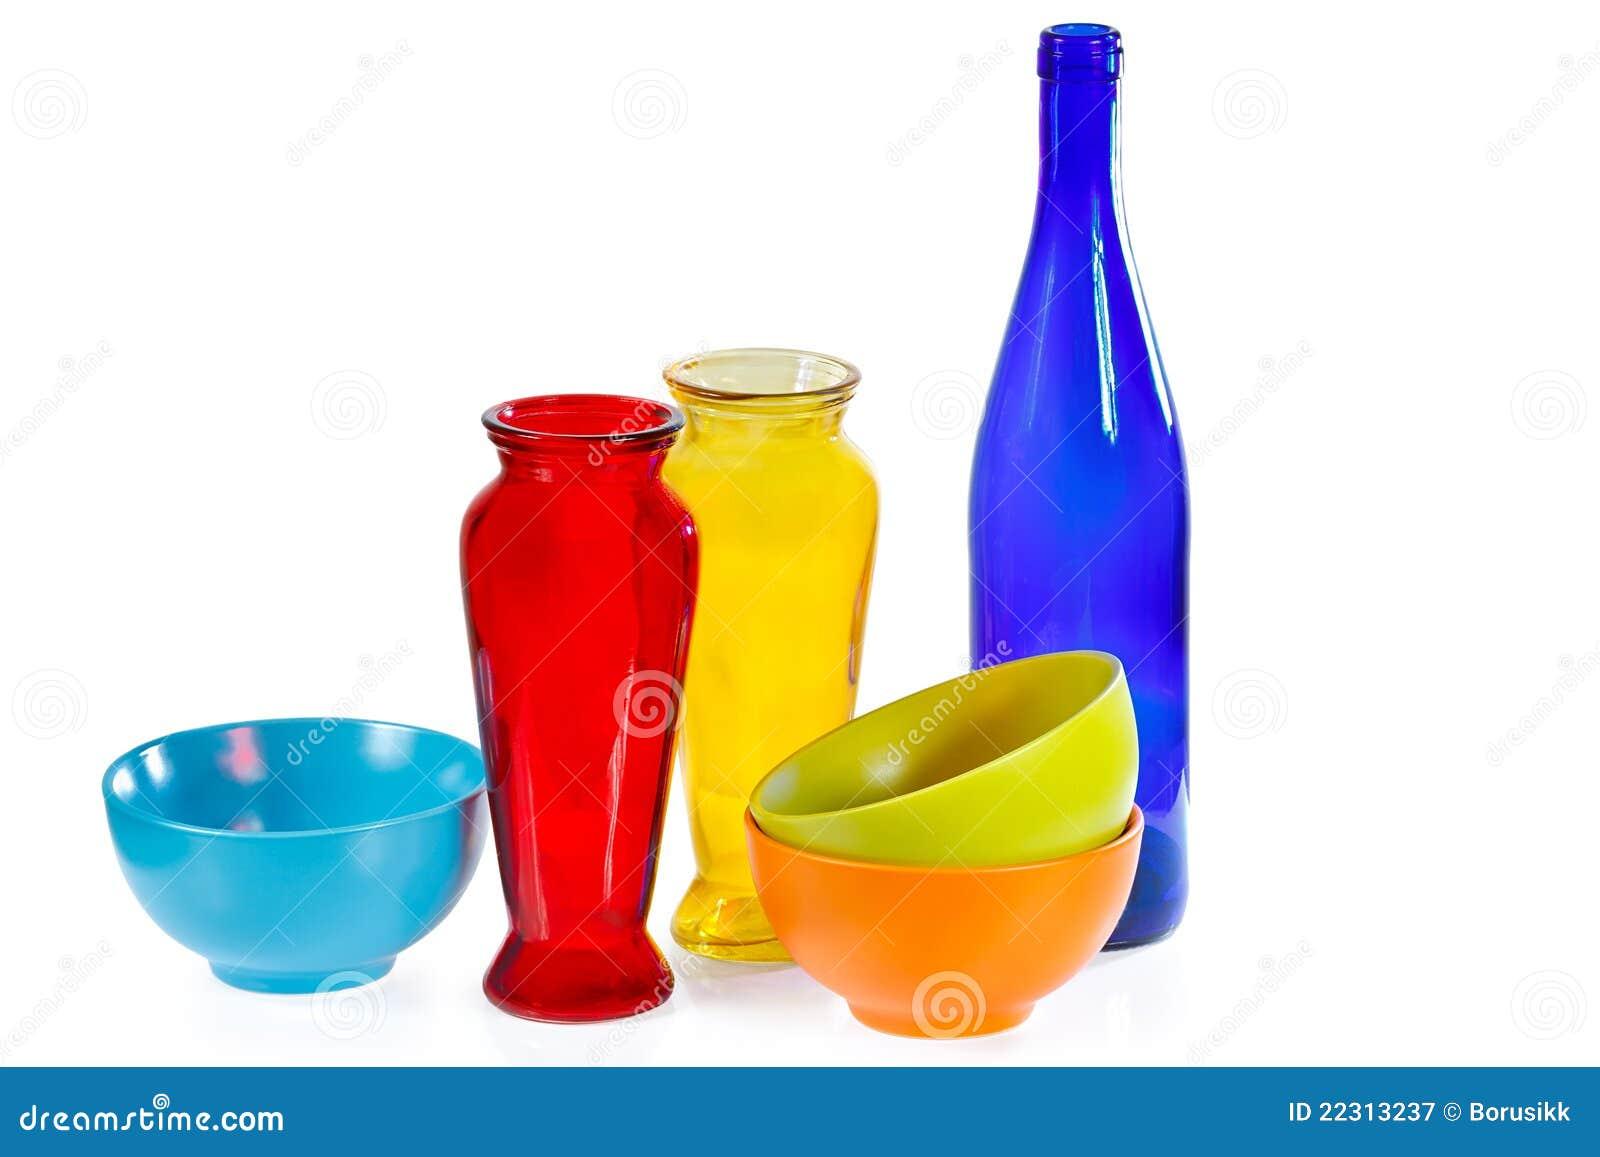 Tazze bottiglia di vetro e vasi di ceramica colorati for Vasi ermetici vetro